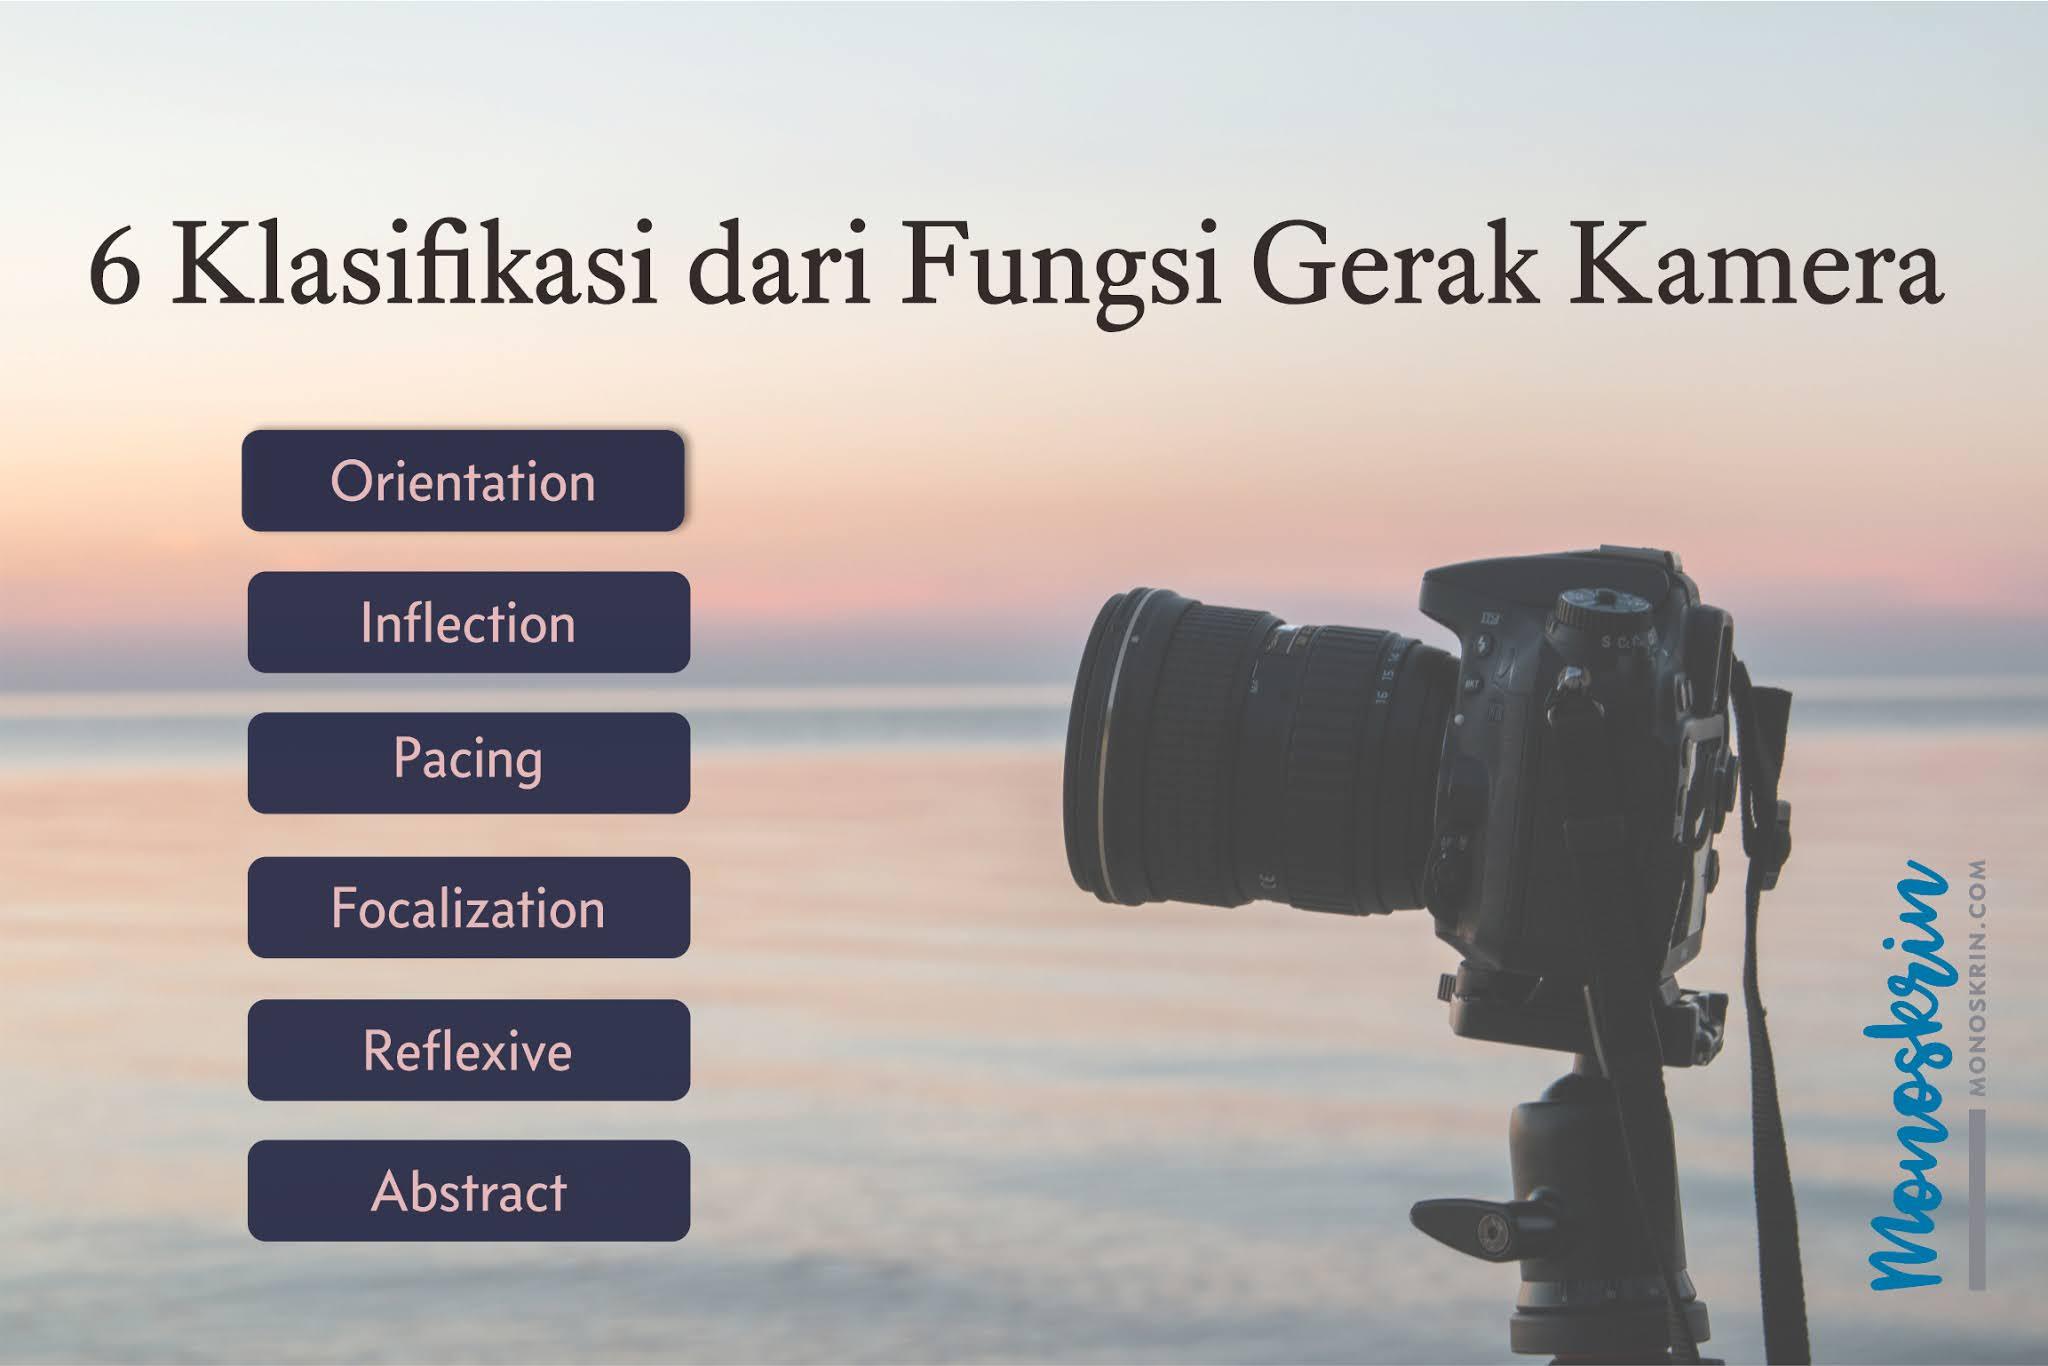 6 Klasifikasi dari Fungsi Kamera dalam Sinema Naratif